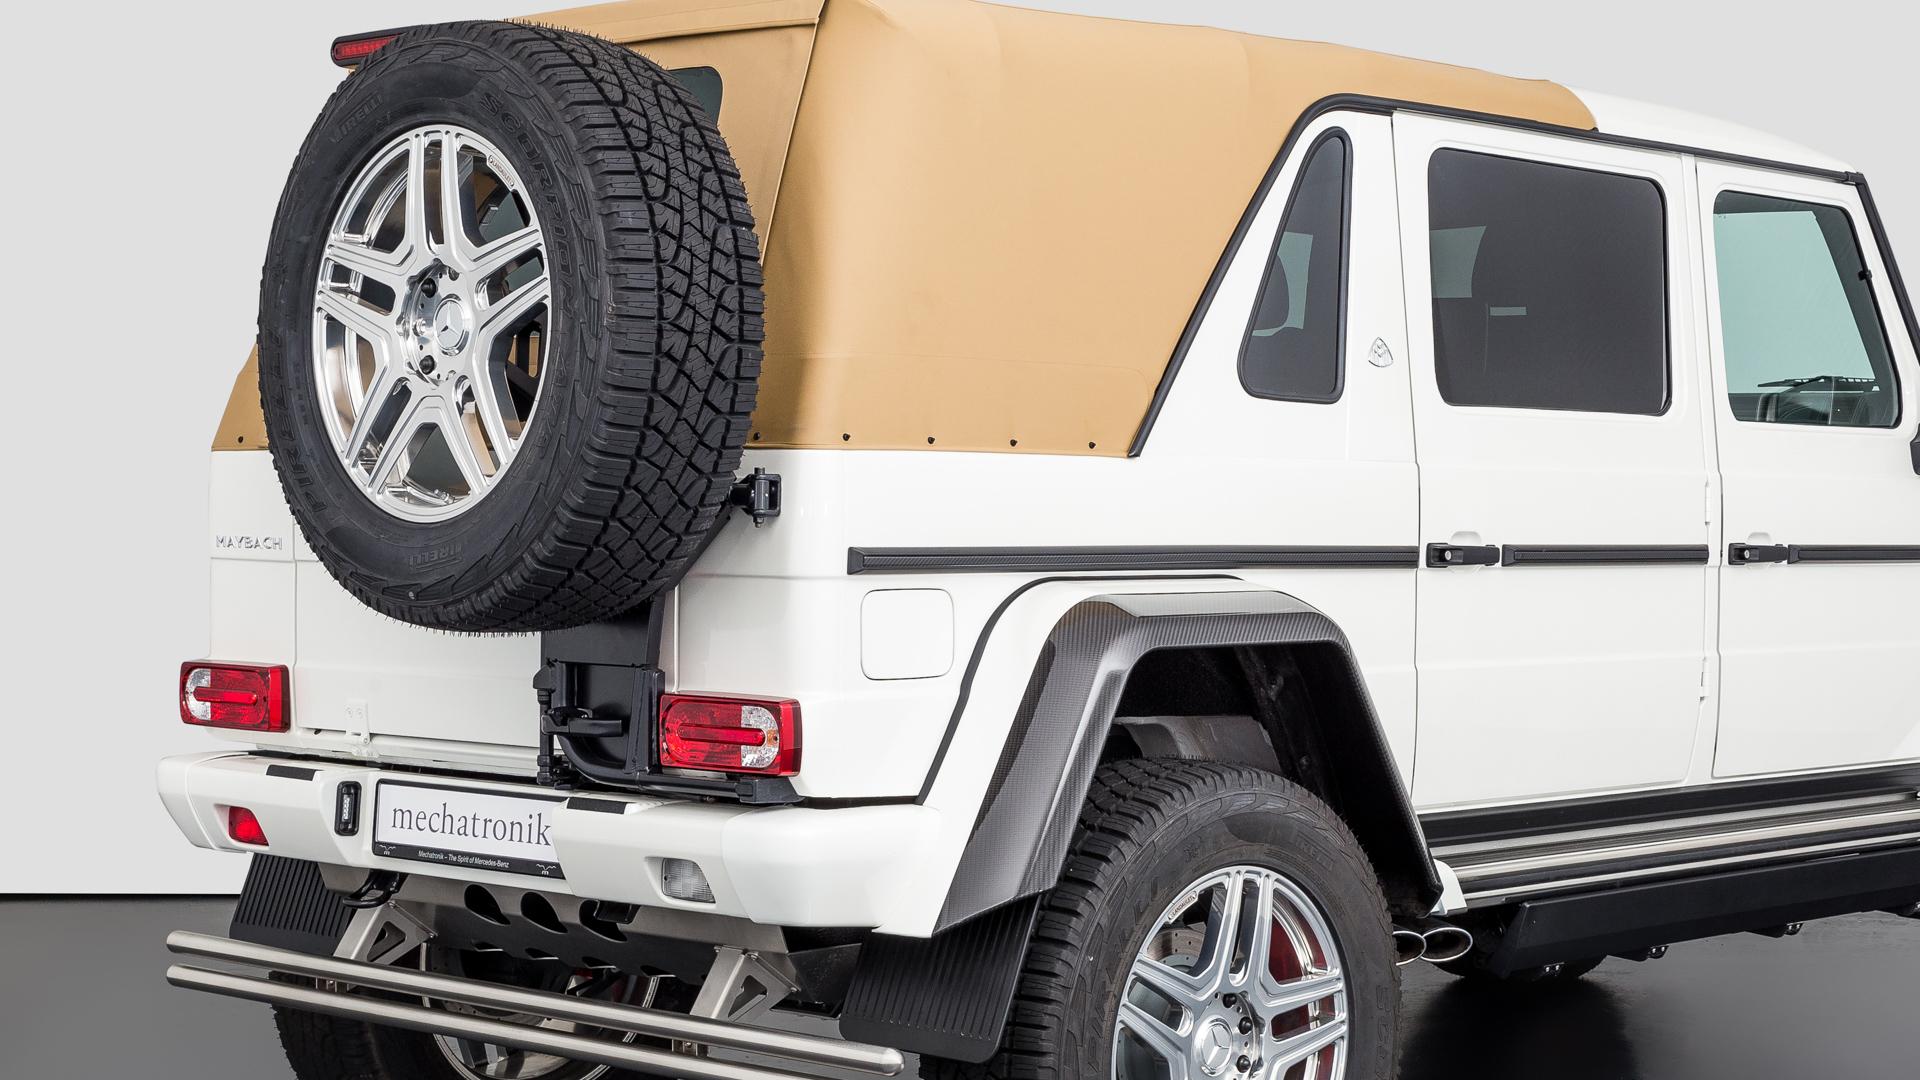 MB G650 Landaulet White | Mechatronik - Qualität, Perfektion und Leidenschaft